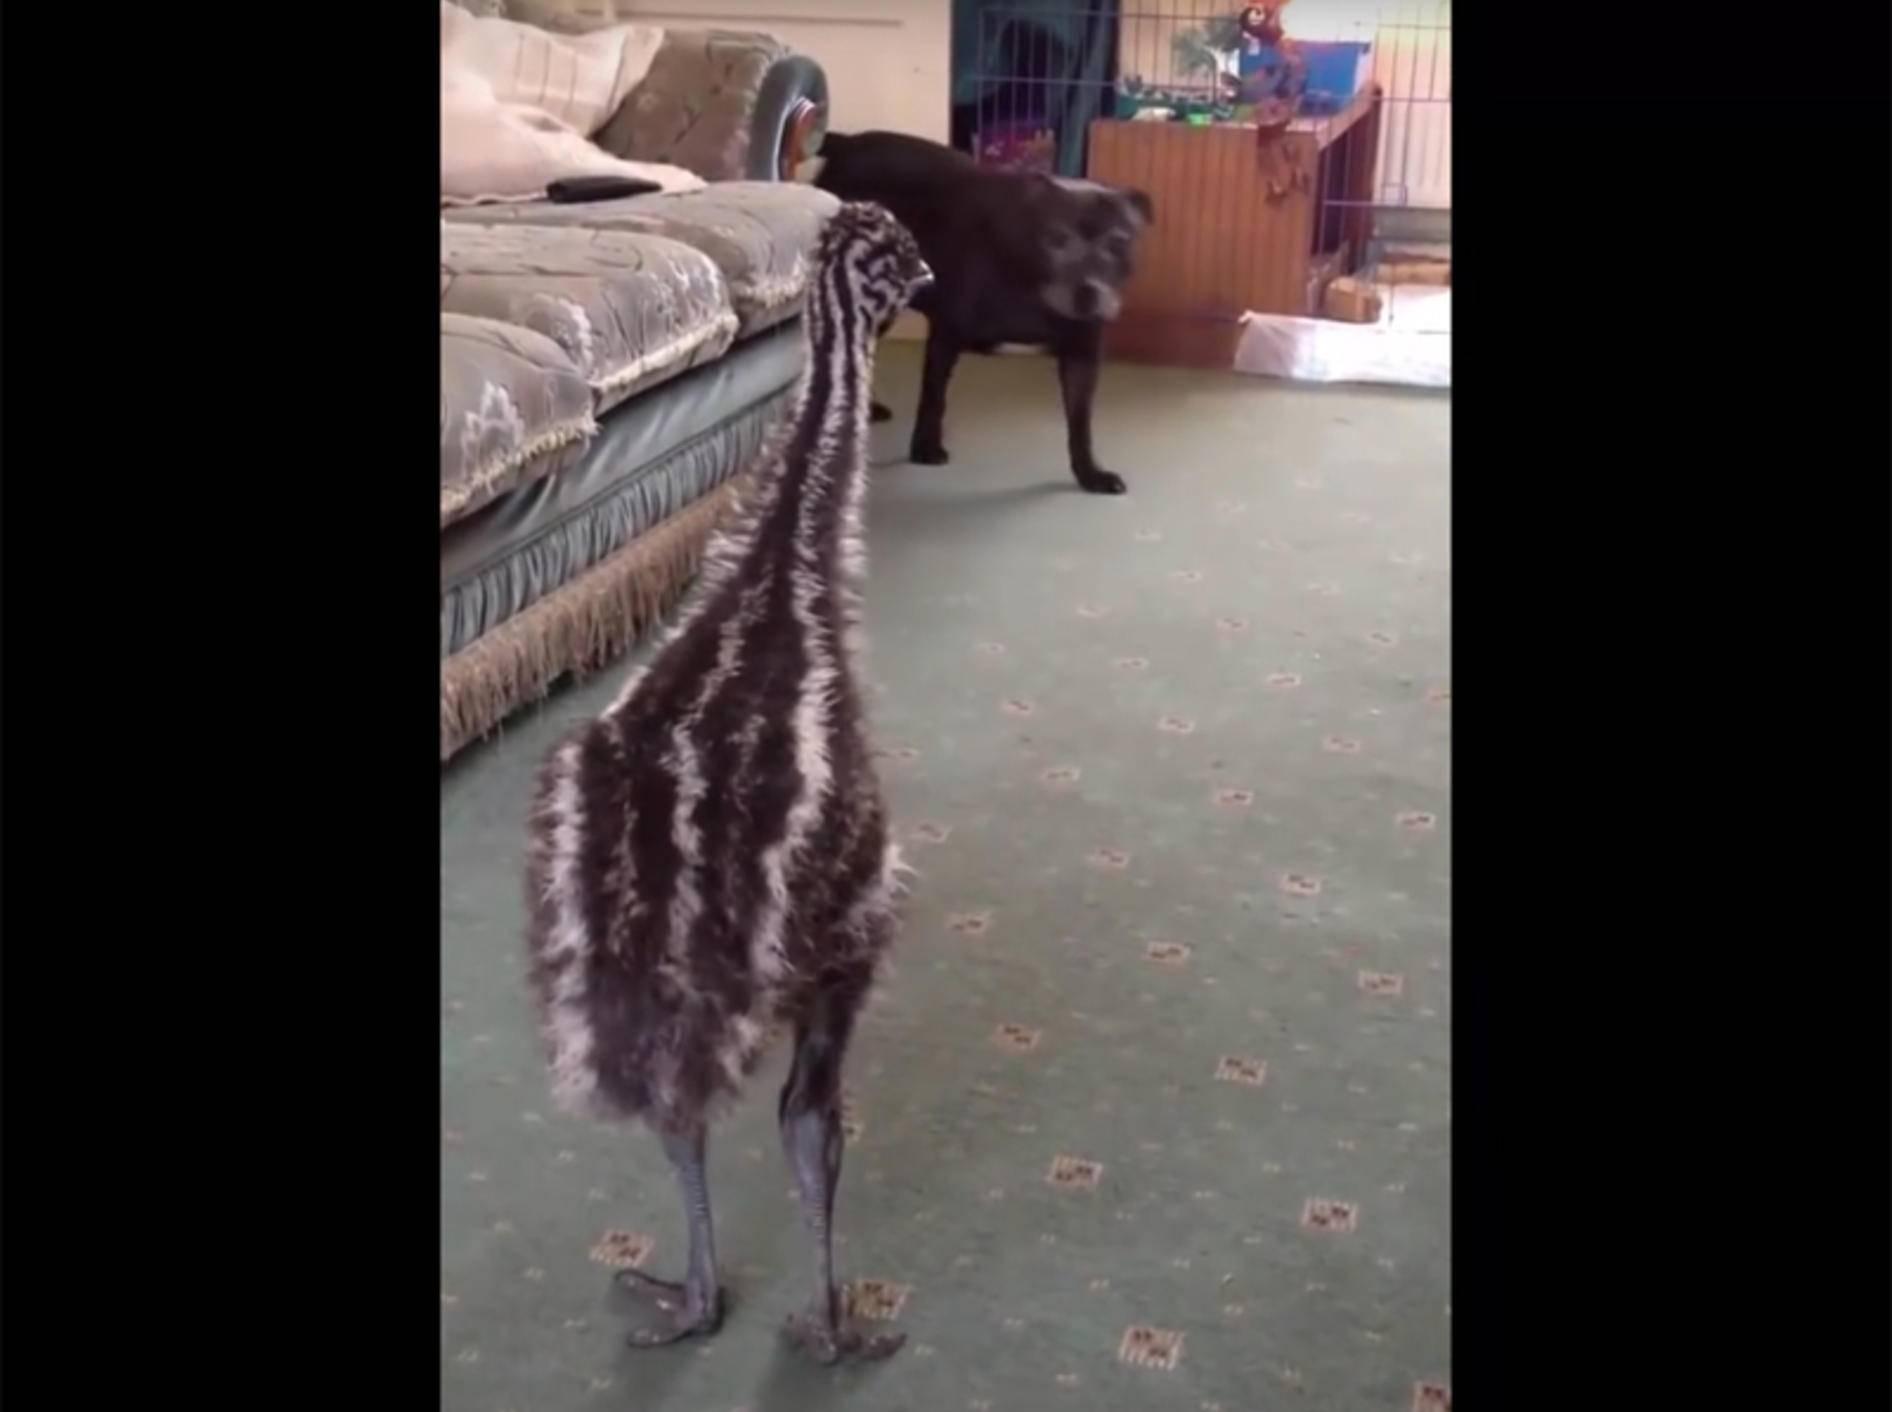 Emu-Küken will mit Hund spielen – YouTube / TITANVORTEX